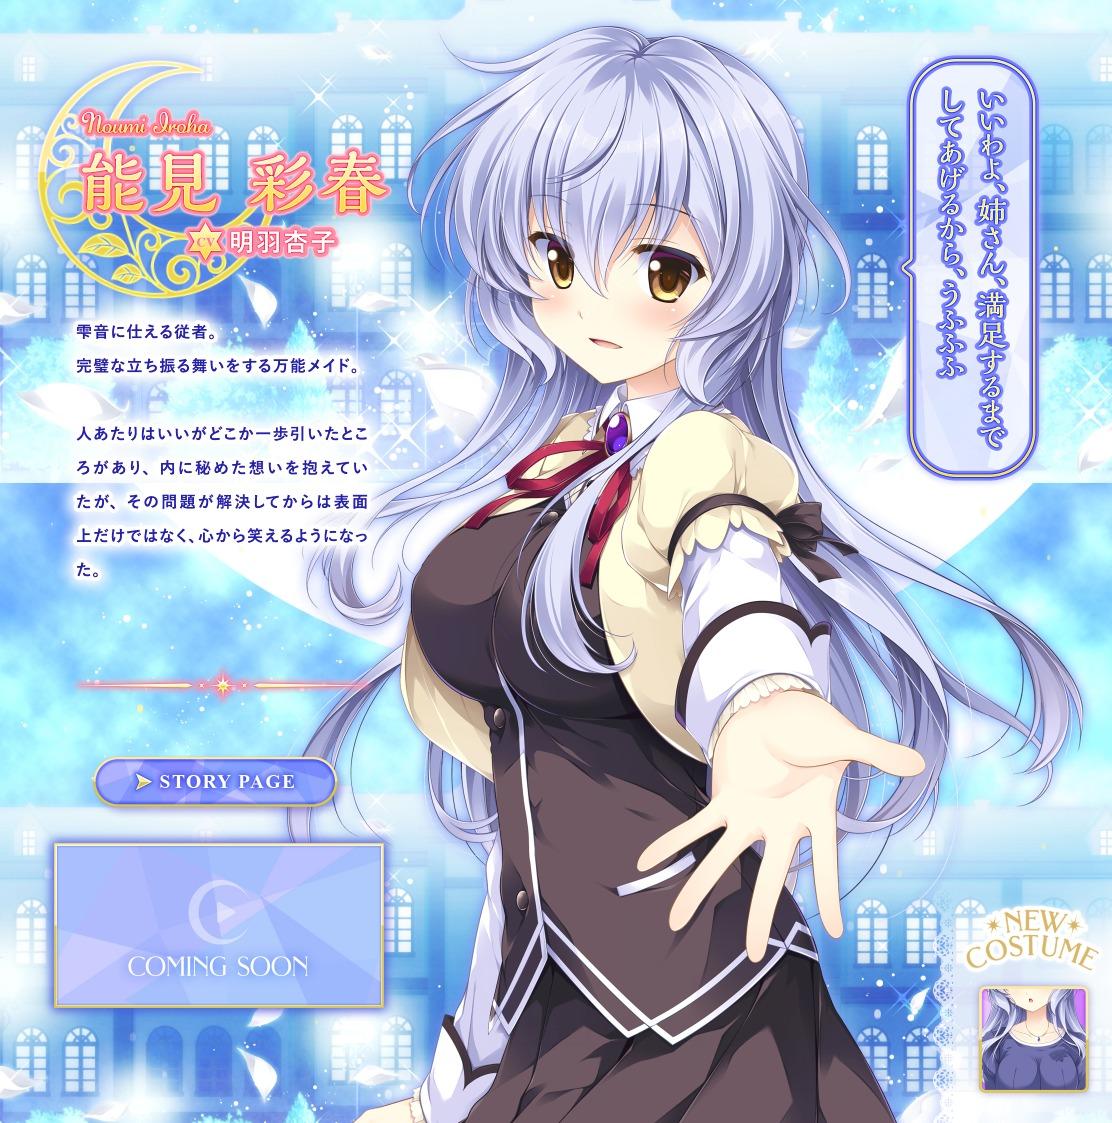 乙女が結ぶ月夜の煌めき Fullmoon Days 公式サイト Character:能見彩春